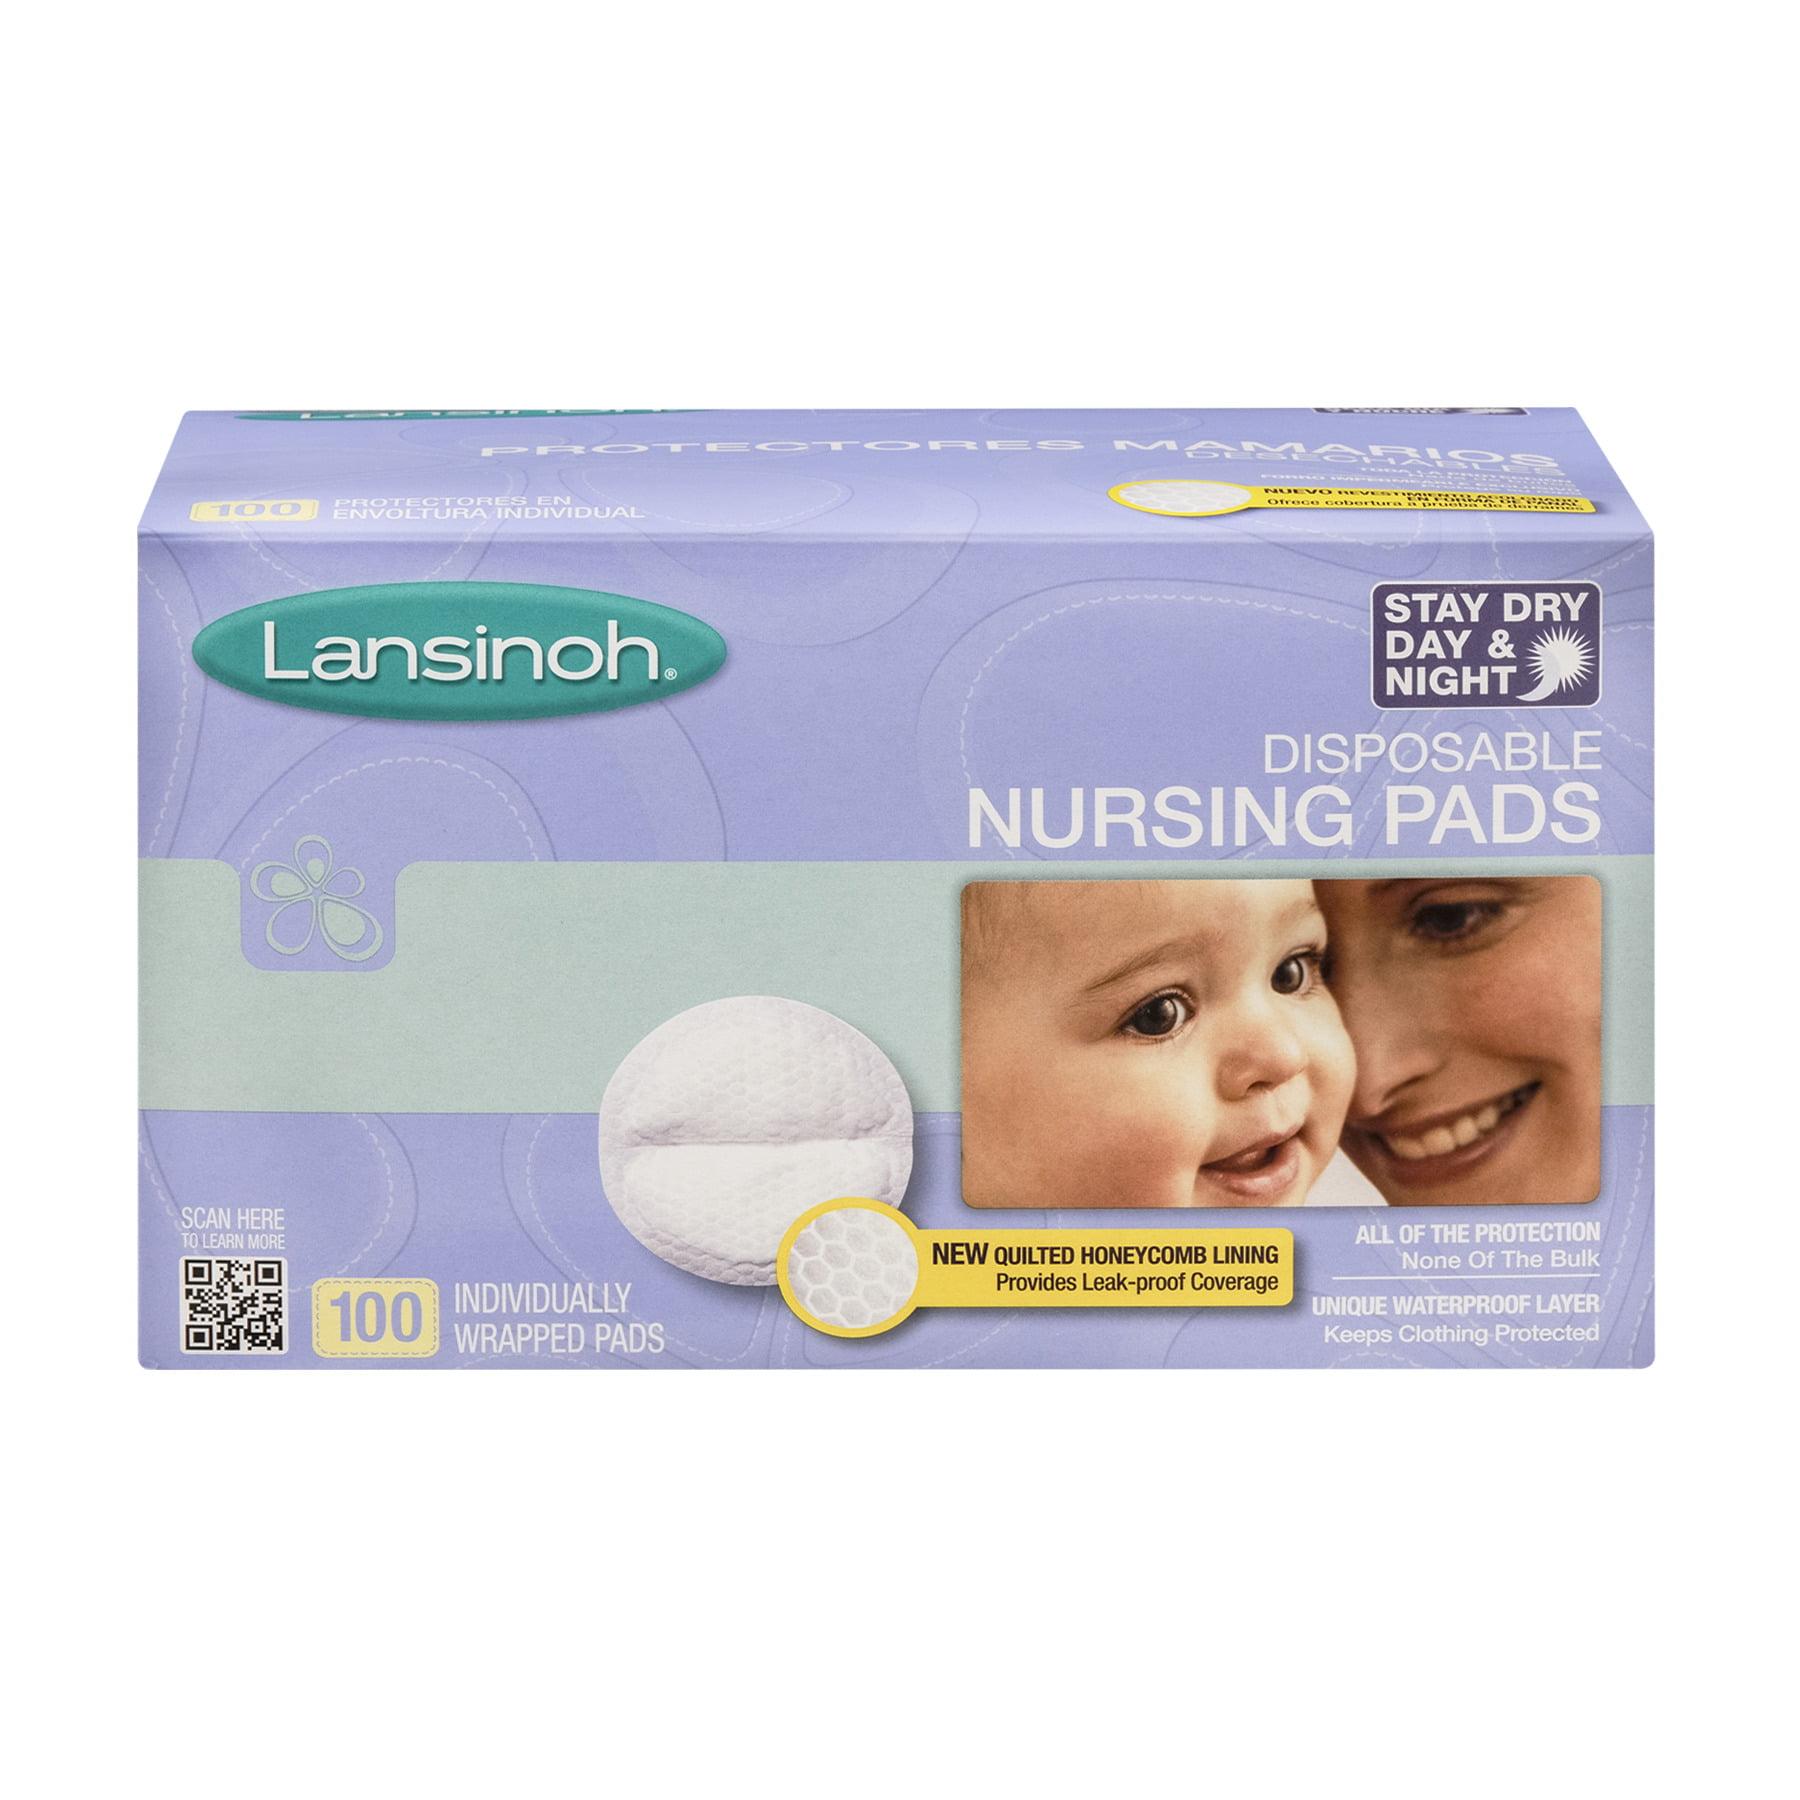 Lansinoh Disposable Nursing Pads 100 ct by Lansinoh